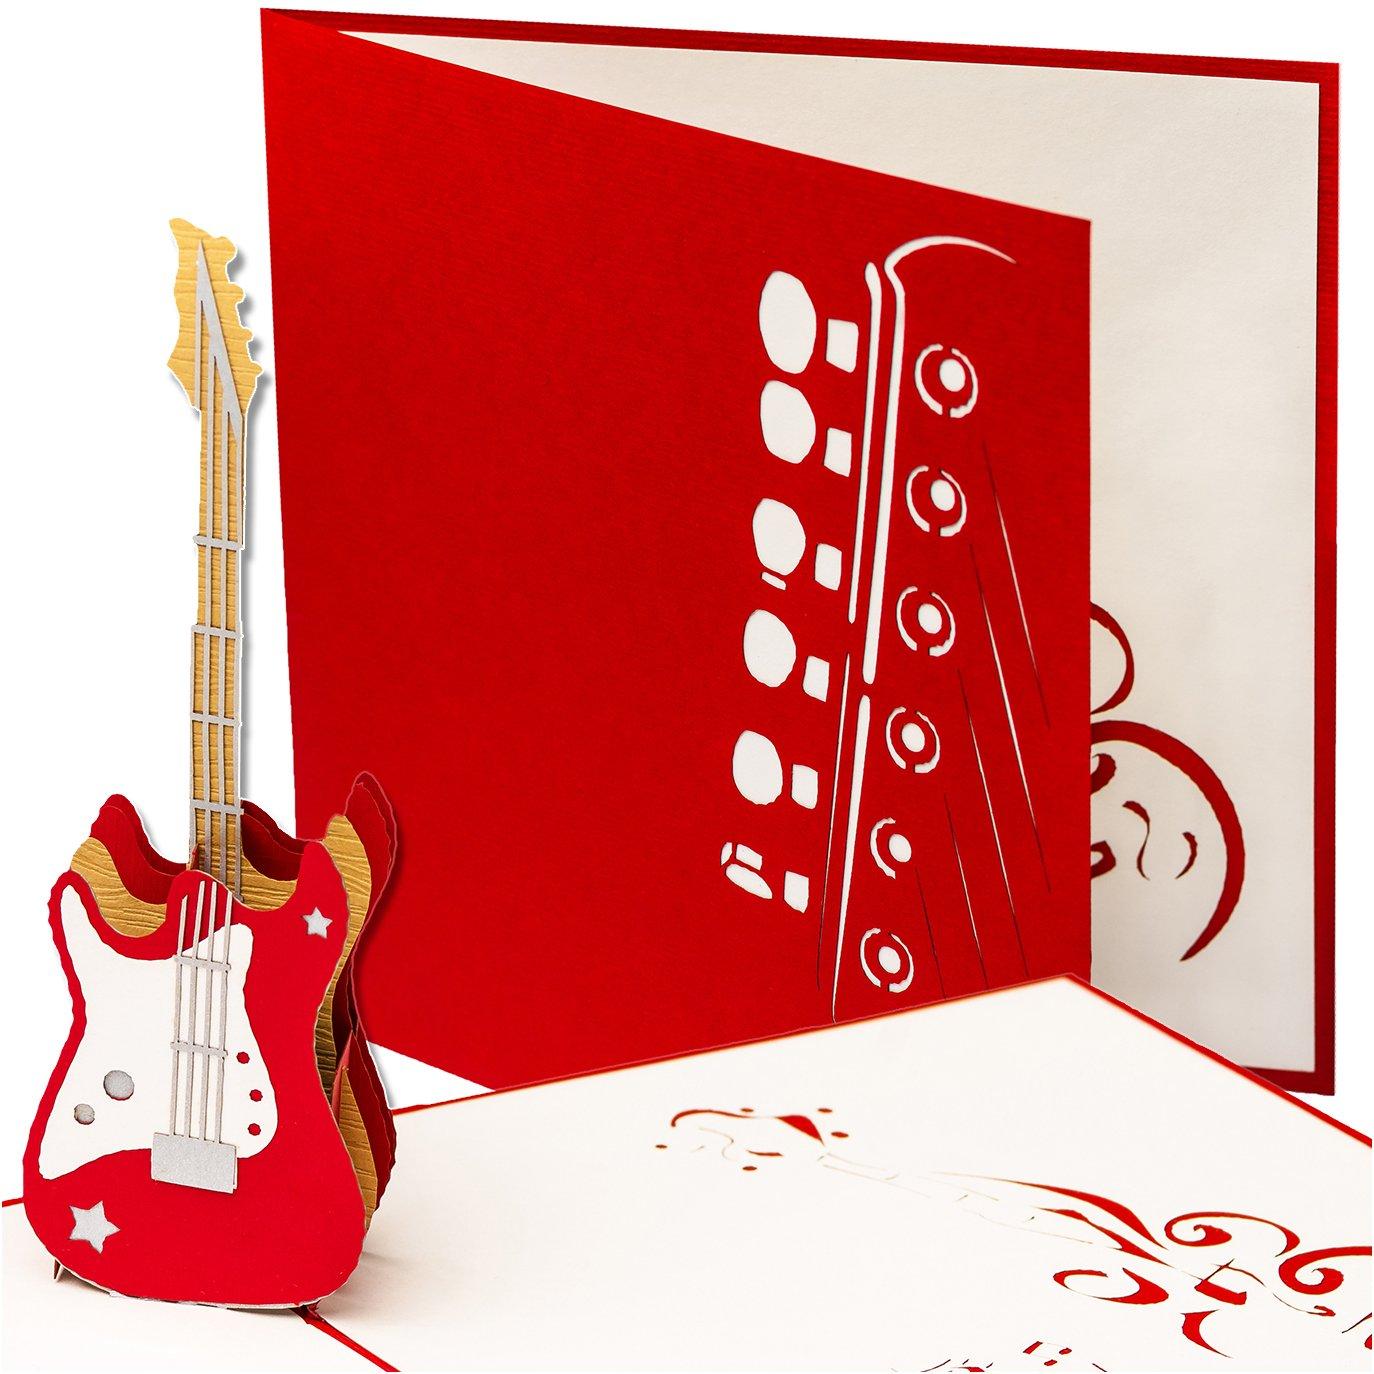 Biglietto di auguri conChitarra elettrica, 3D pop up, fatto a mano, in stile musicale, per compleanno, come buono per chitarra primetea